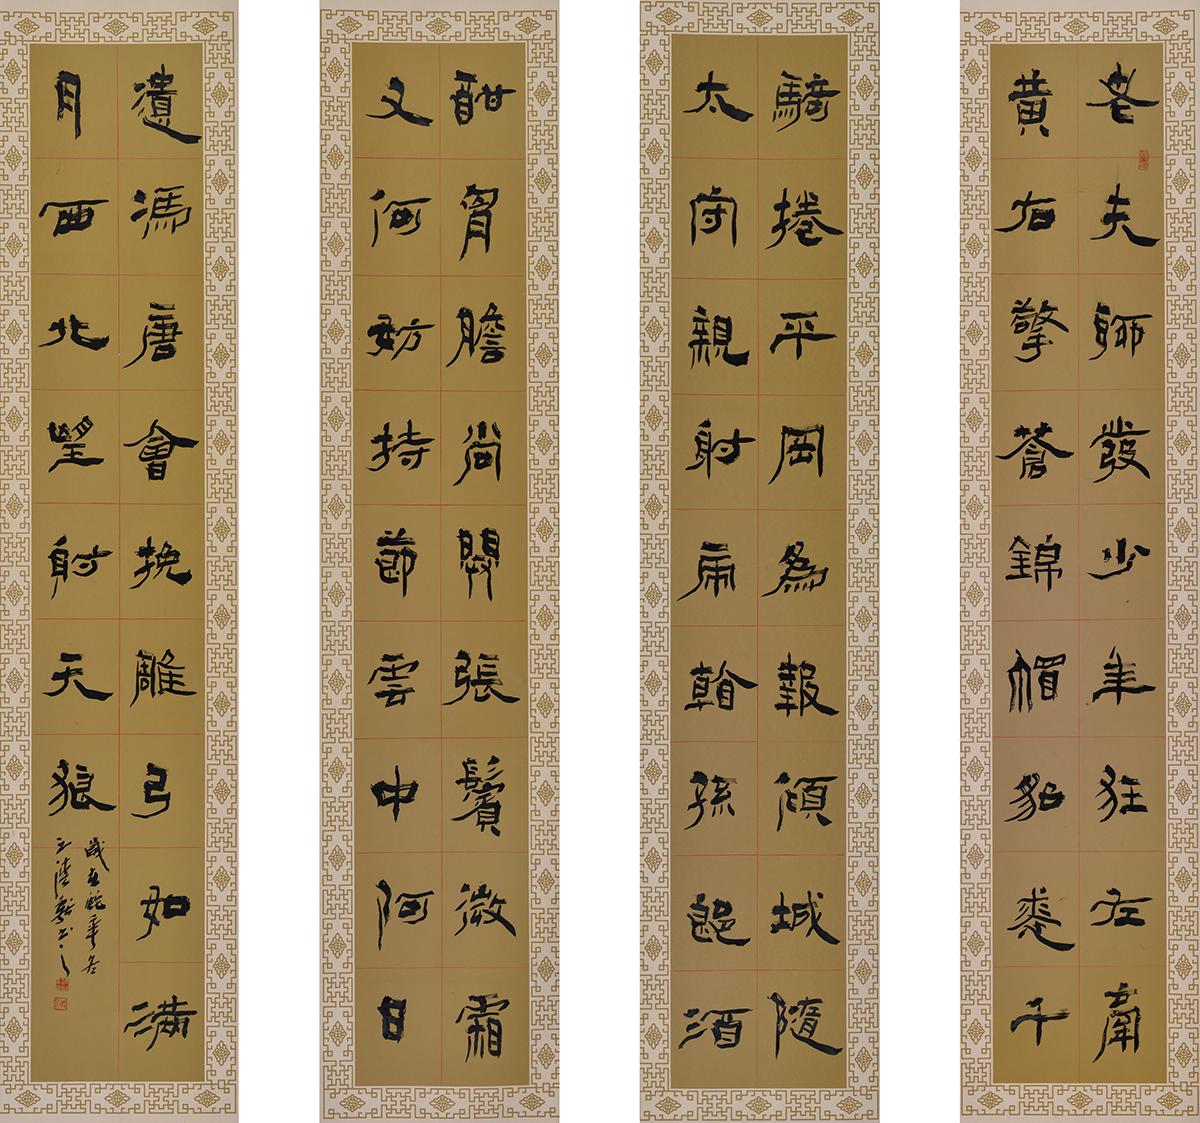 王清献,岩石斋主,中国当代书法家,画家.1957年8月生.图片